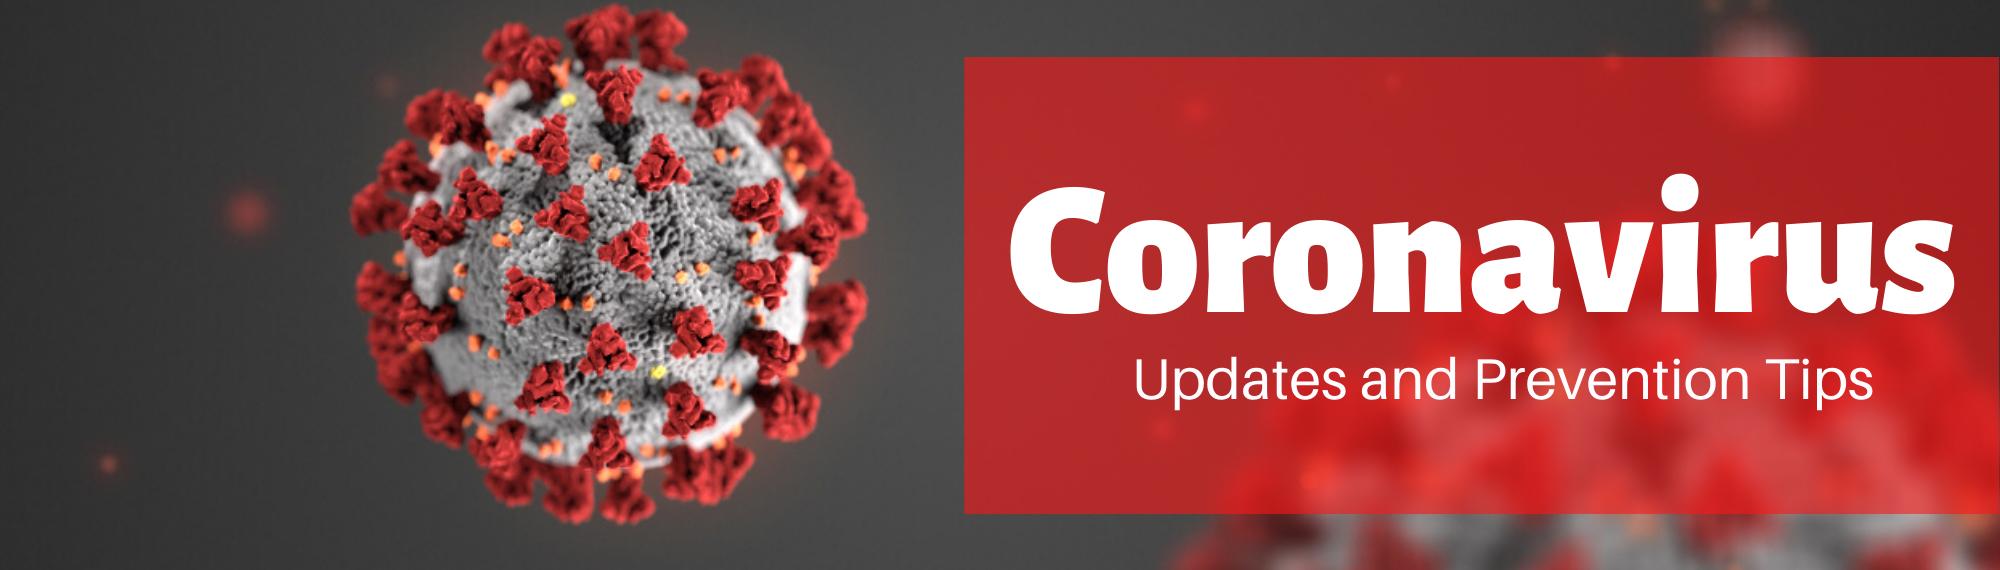 Coronavirus Updates Banner